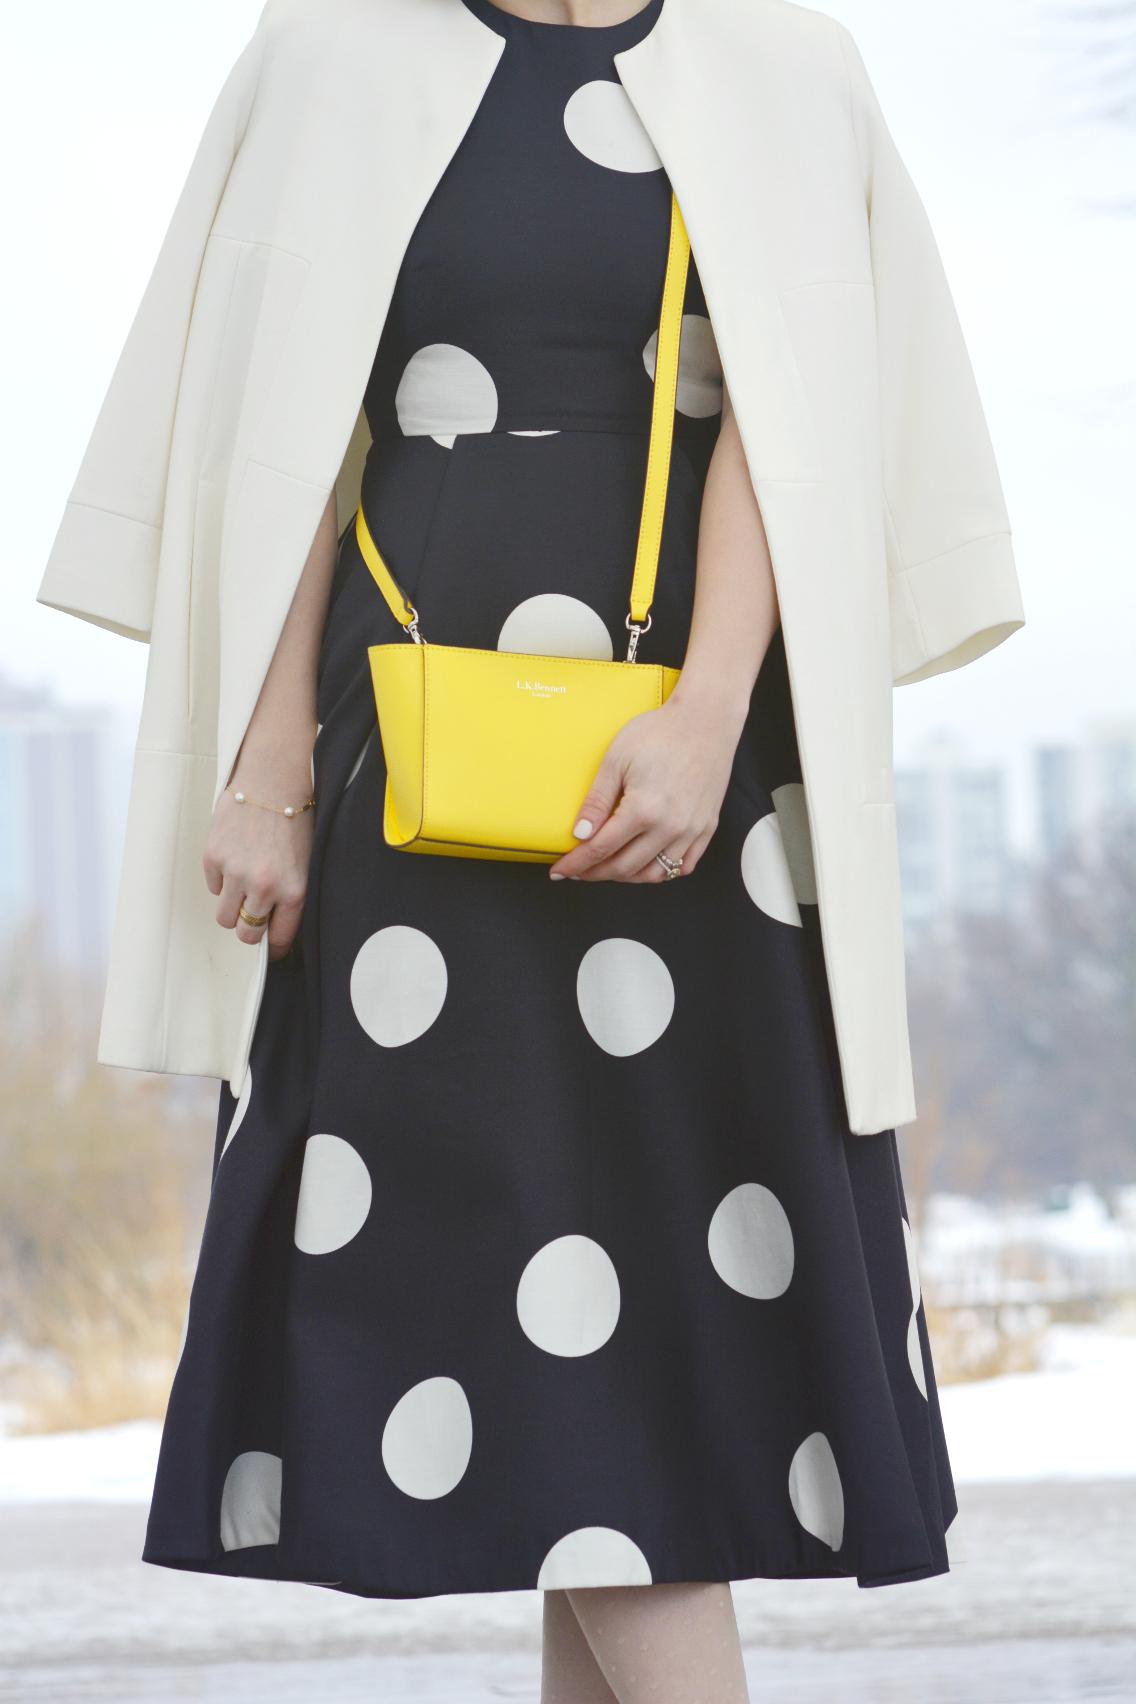 LK Bennett Polka Dot Midi Dress Spring 2015 14